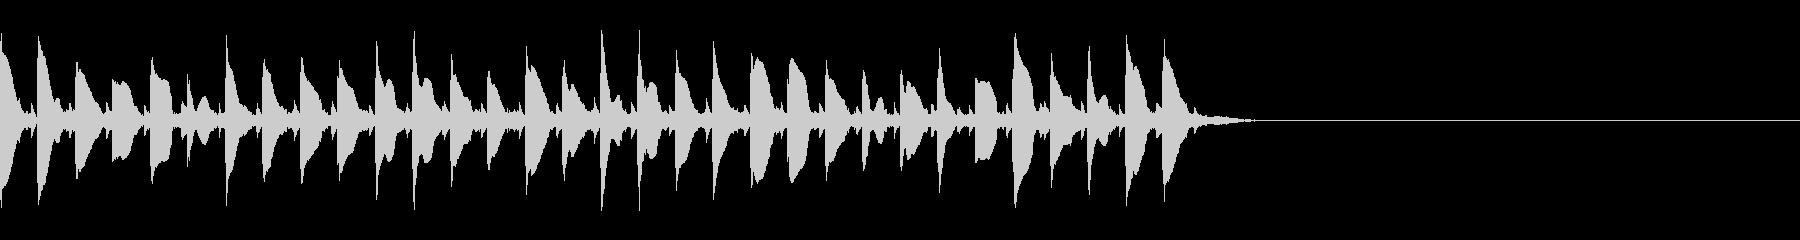 (話す、テキスト表示)長めA06の未再生の波形